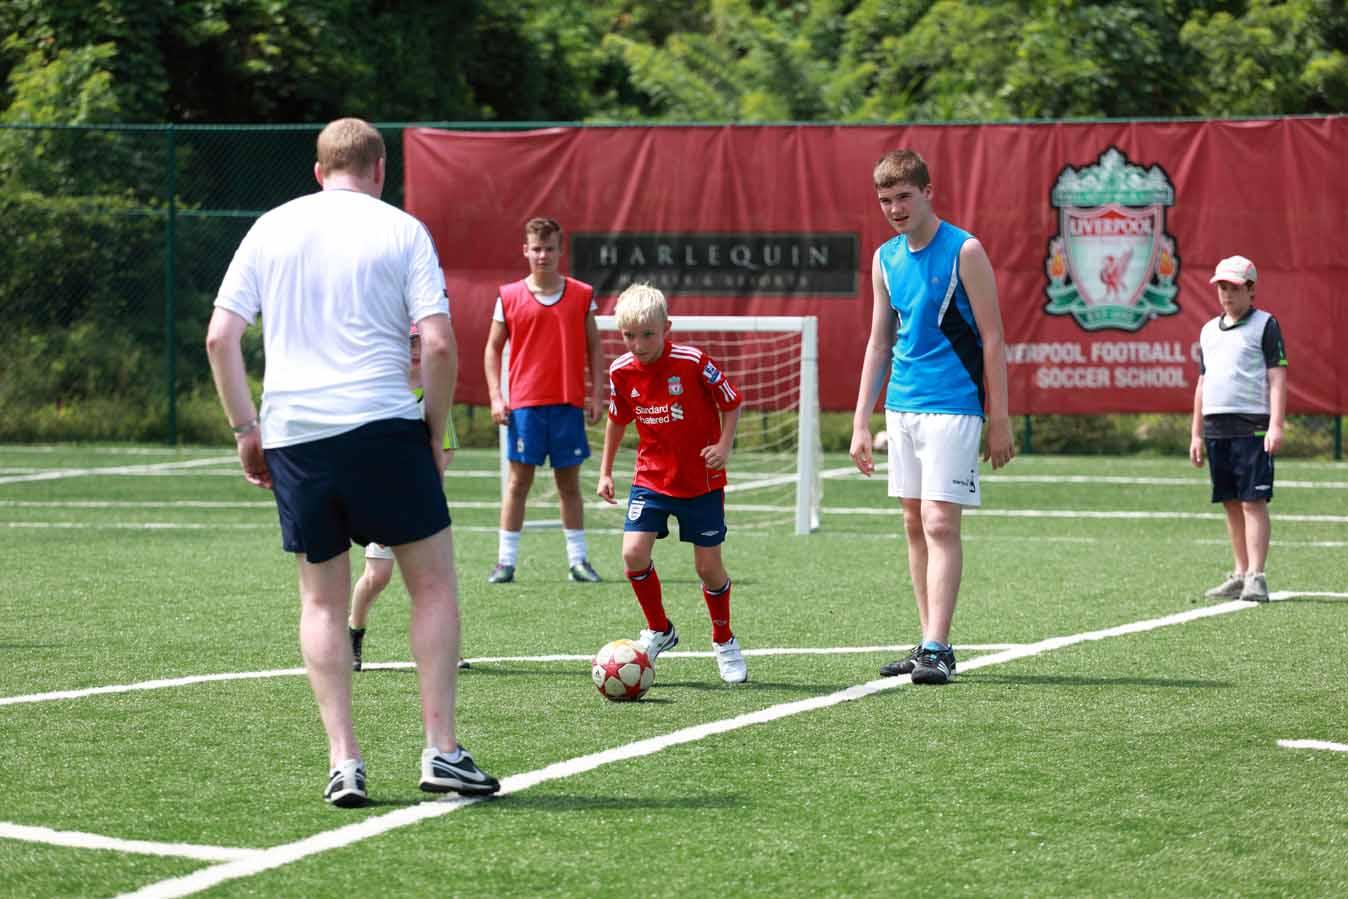 Bucc Bay's Liverpool FC Soccer School: Legends & Top